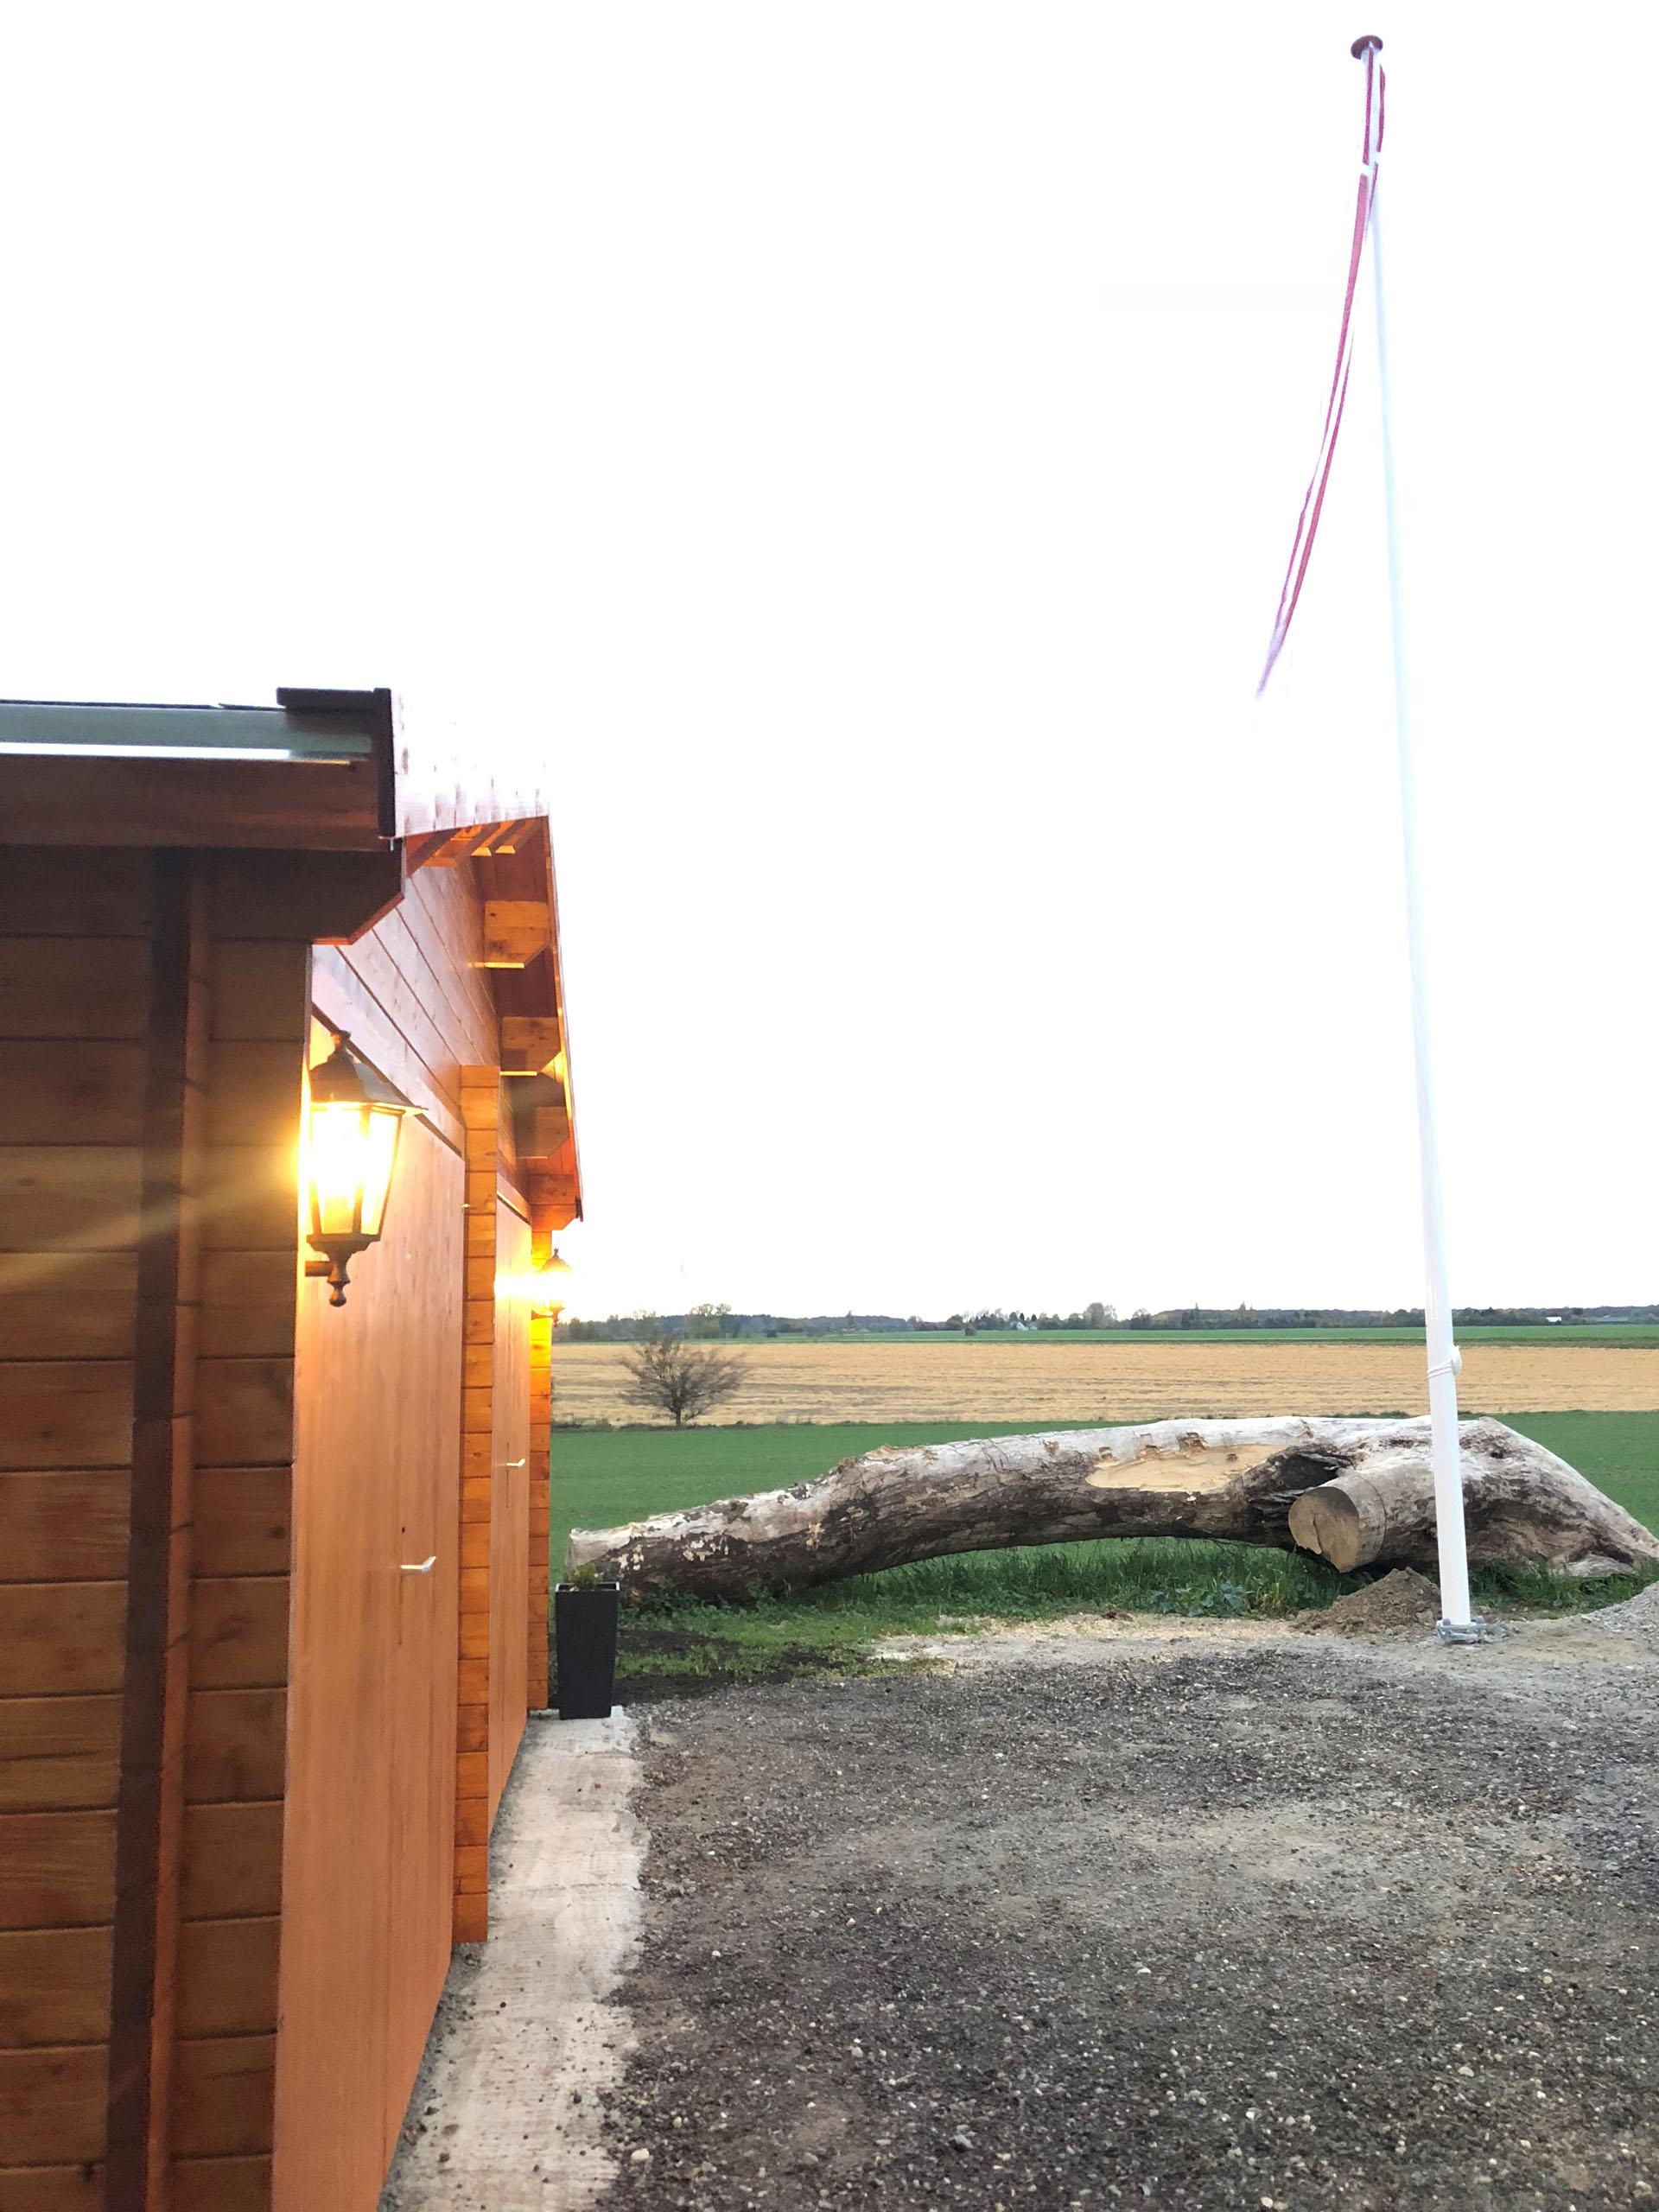 stor garage i træ fra solundhuse.dk billede indsendt af kunde